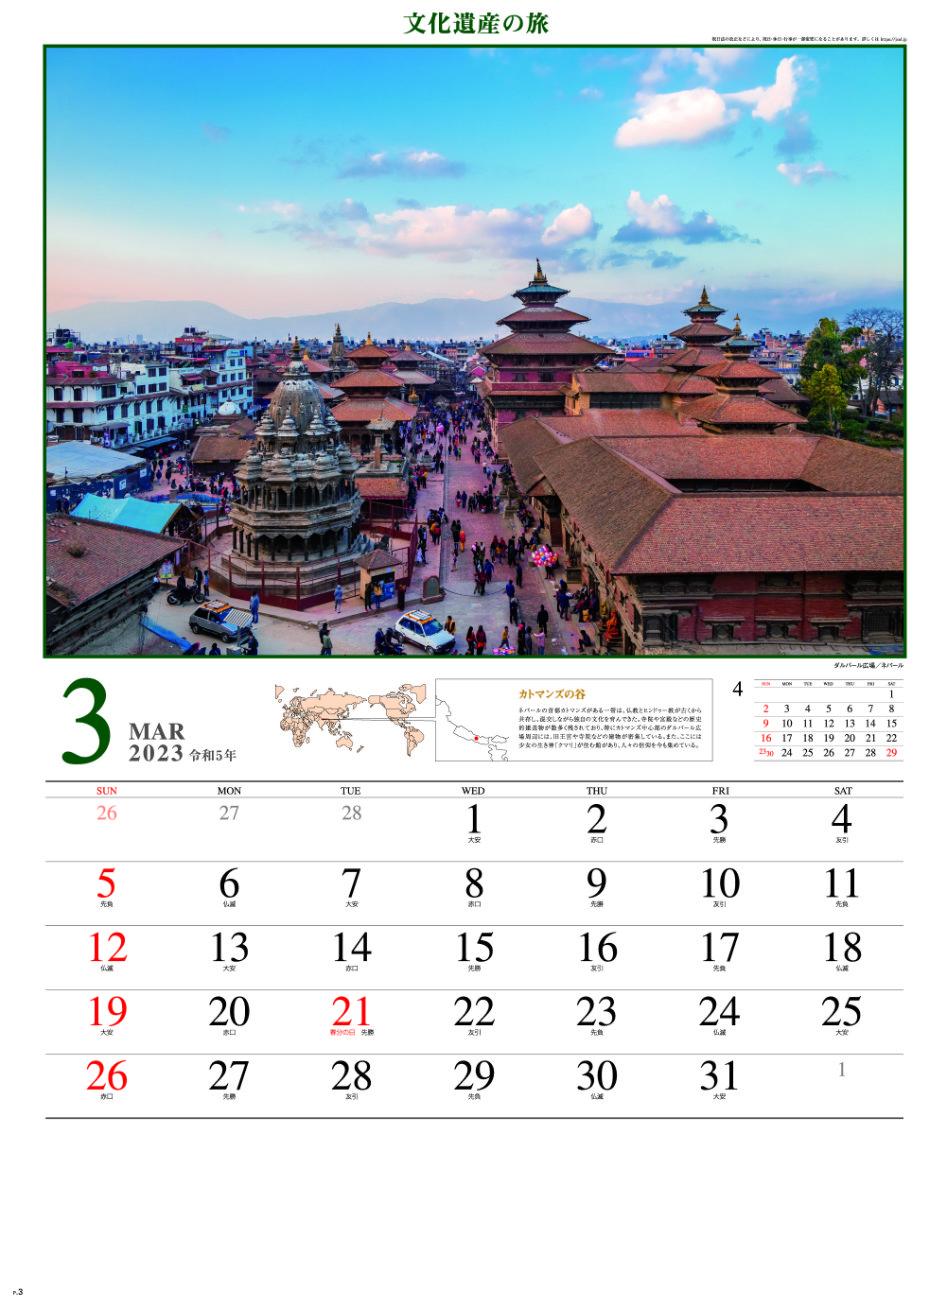 3月 アウスストゥブルク城 ドイツ 文化遺産の旅(ユネスコ世界遺産) 2022年カレンダーの画像